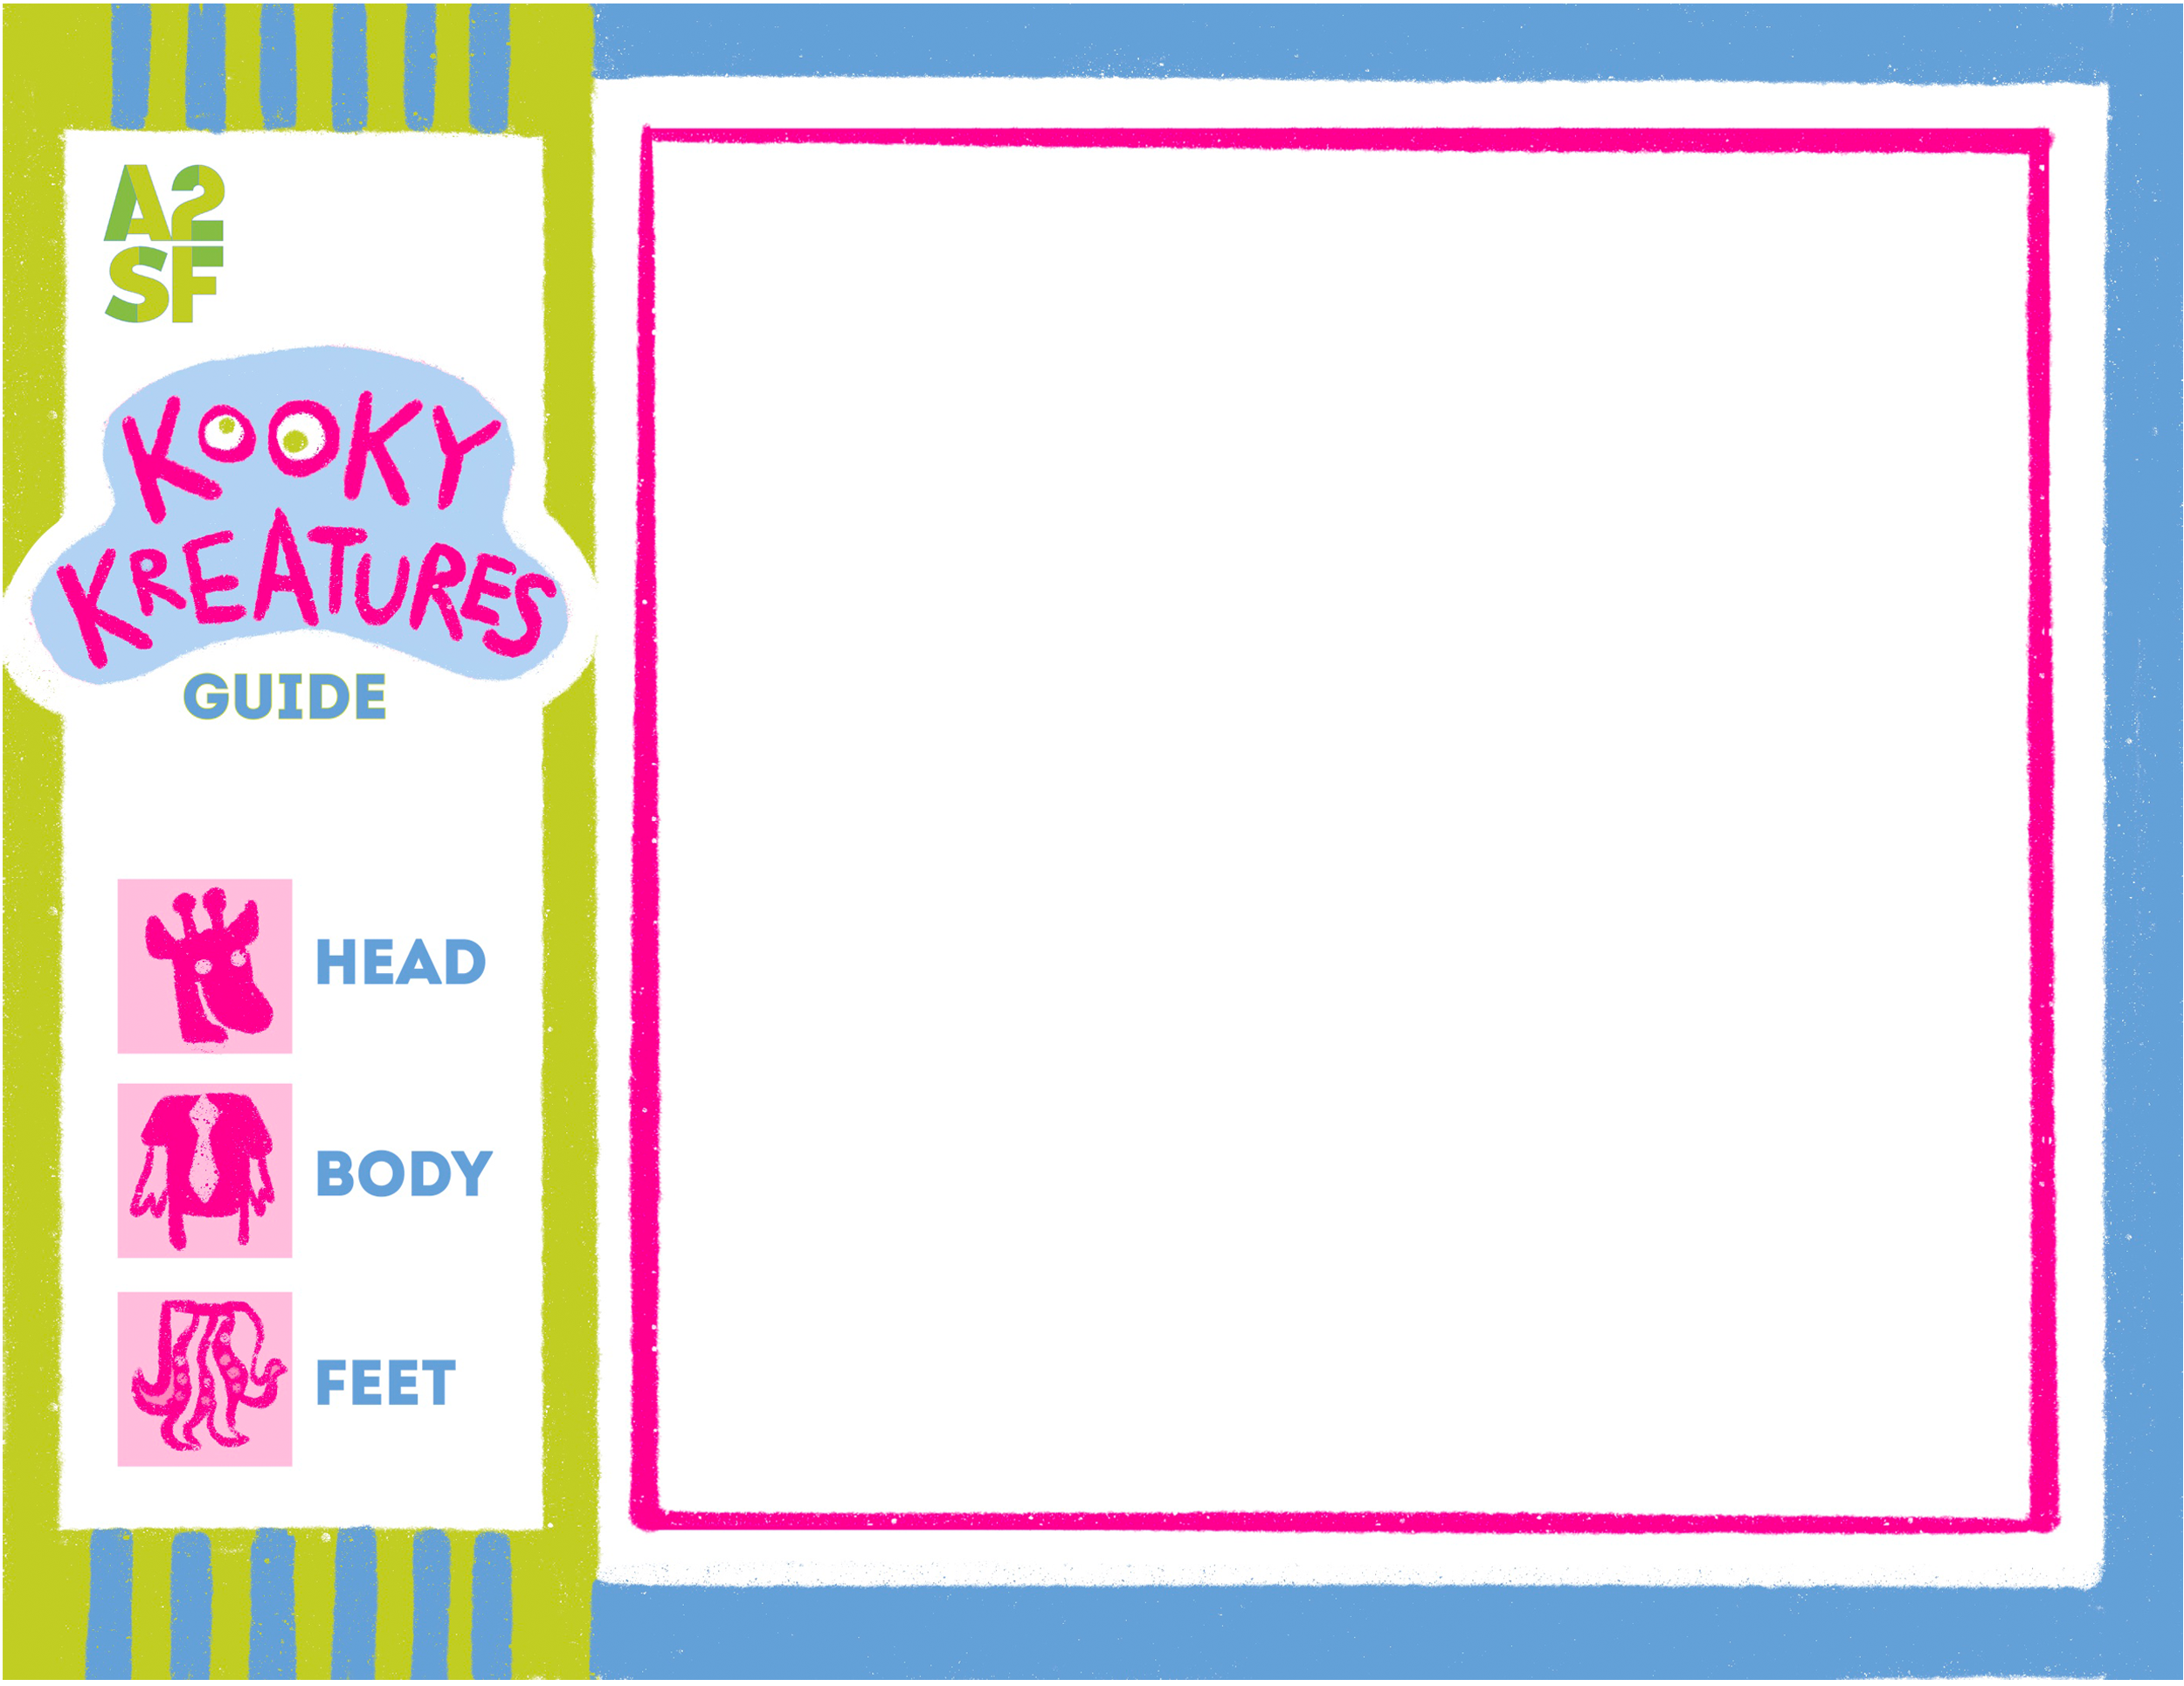 Kooky Kreatures Guide